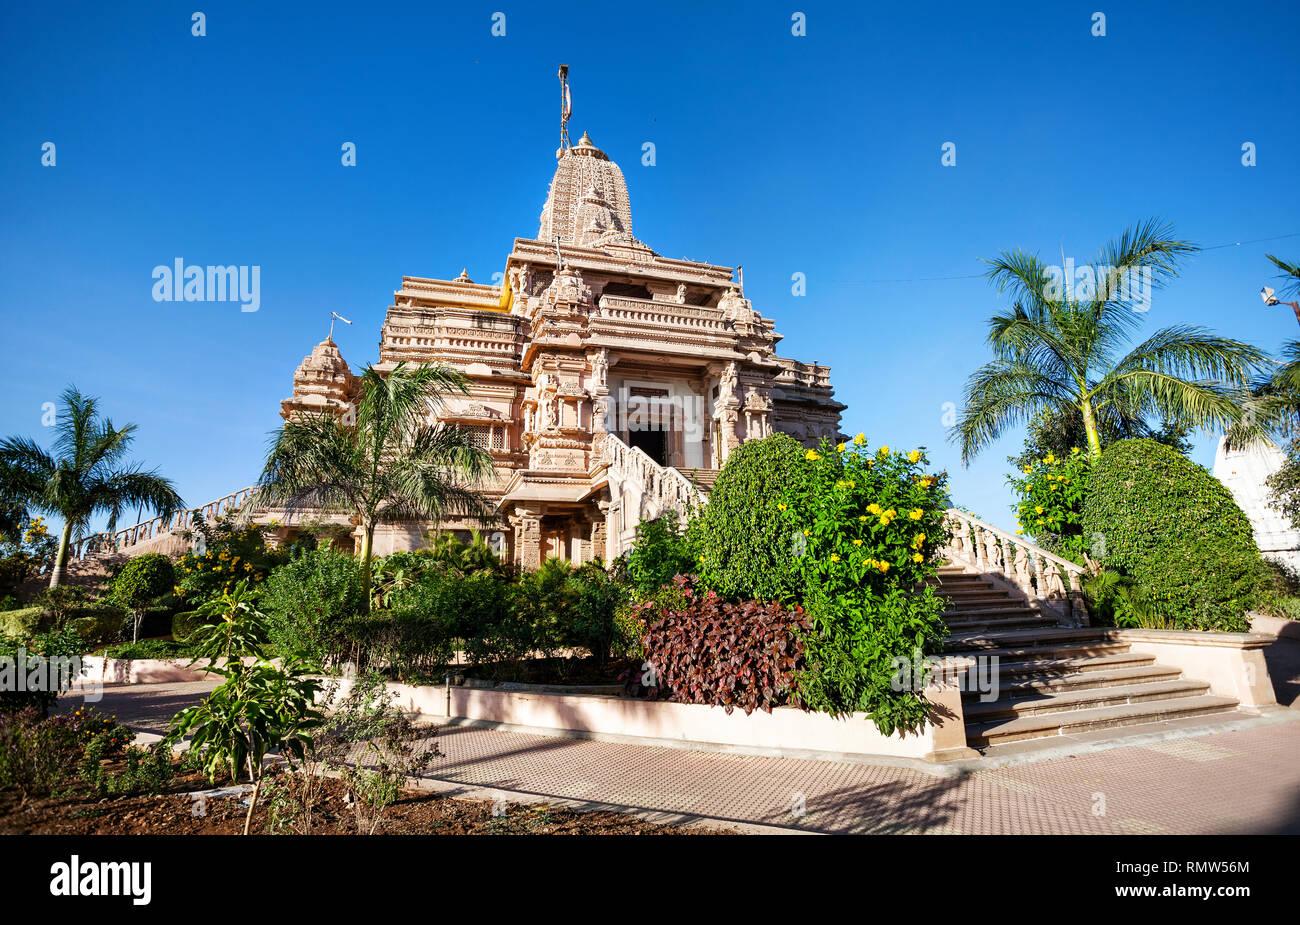 Tempio Jain dalla pietra arenaria e il giardino tropicale in Nasik, Maharashtra, India Immagini Stock